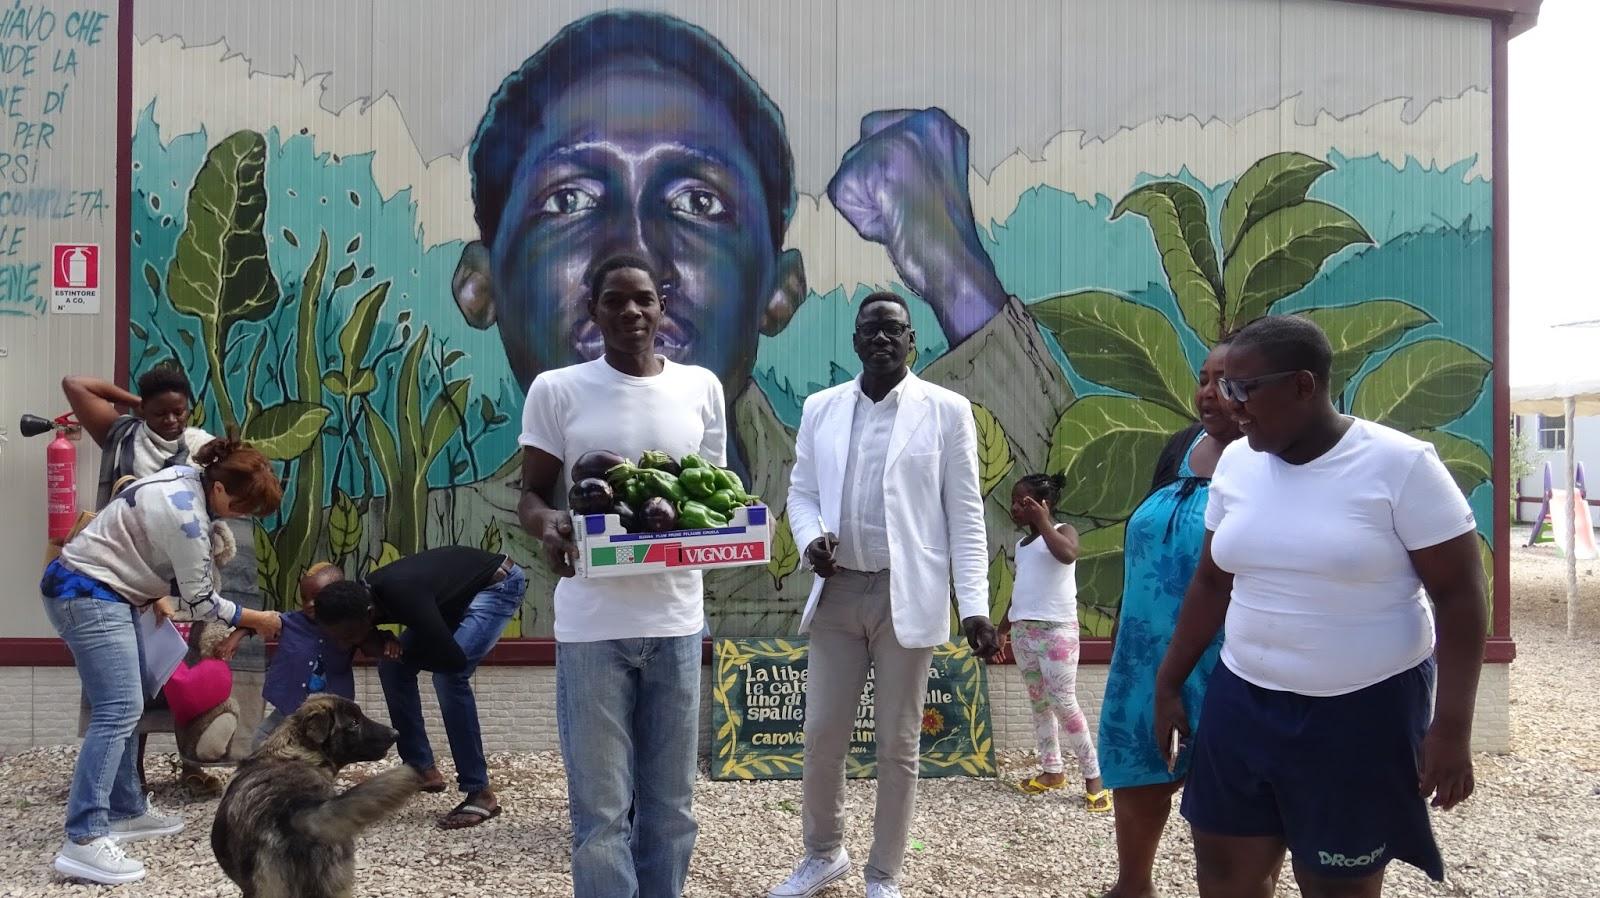 Casa Sankara Eine Initiative Gegen Die Ausbeutung Von Migranten In Kets Duma Tali Pink Bs20 Anbei Foto Galerie Dazu Damit Sie Sich Ein Bild Diesem Wichtigen Projekt Machen Knnen